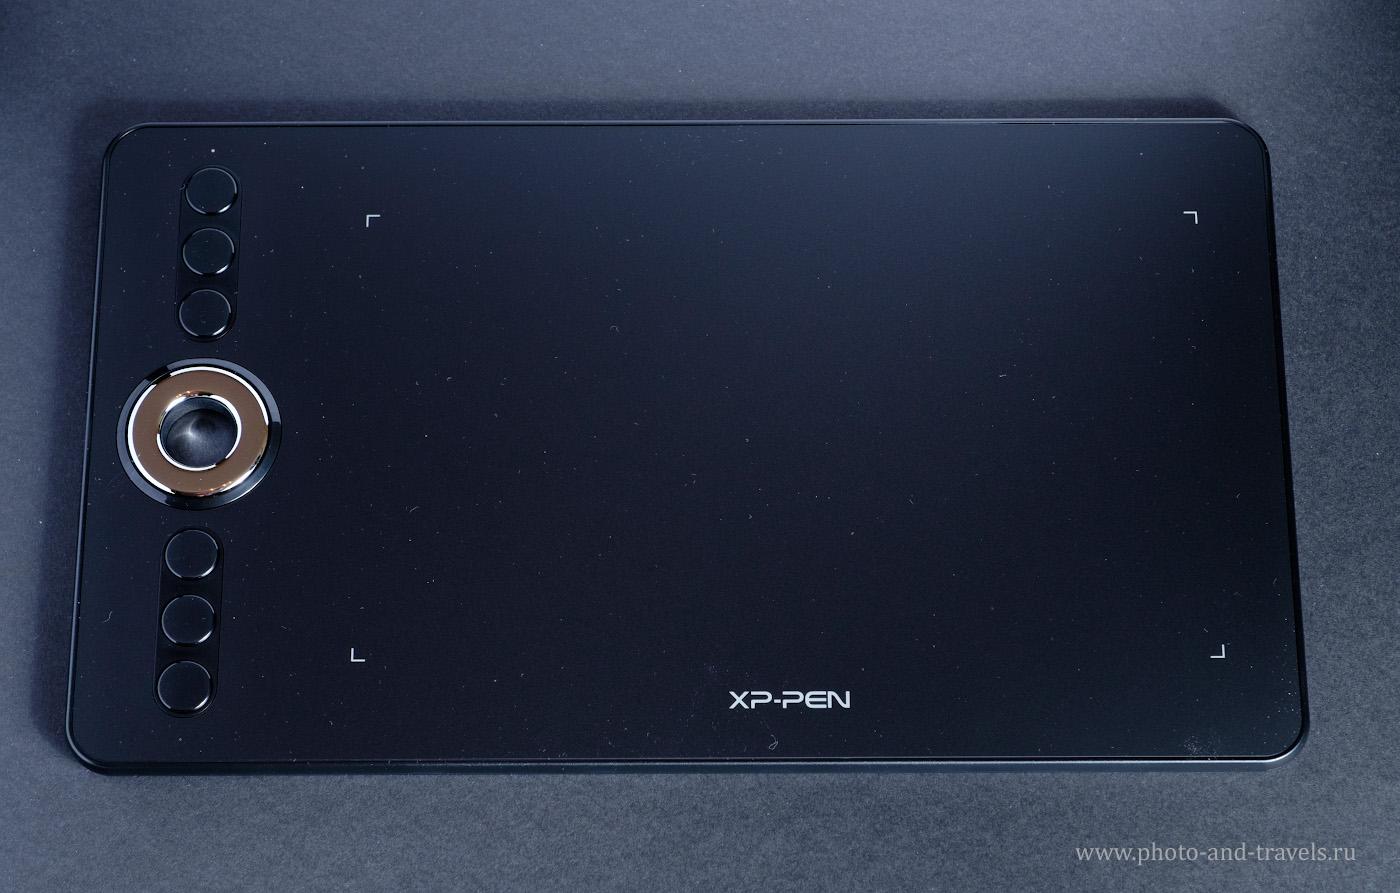 Фото 3. Так выглядит мой графический планшет XP-PEN. Подойдет ли он для обработки фотографий? 1/60, 7.1, 400, 53.